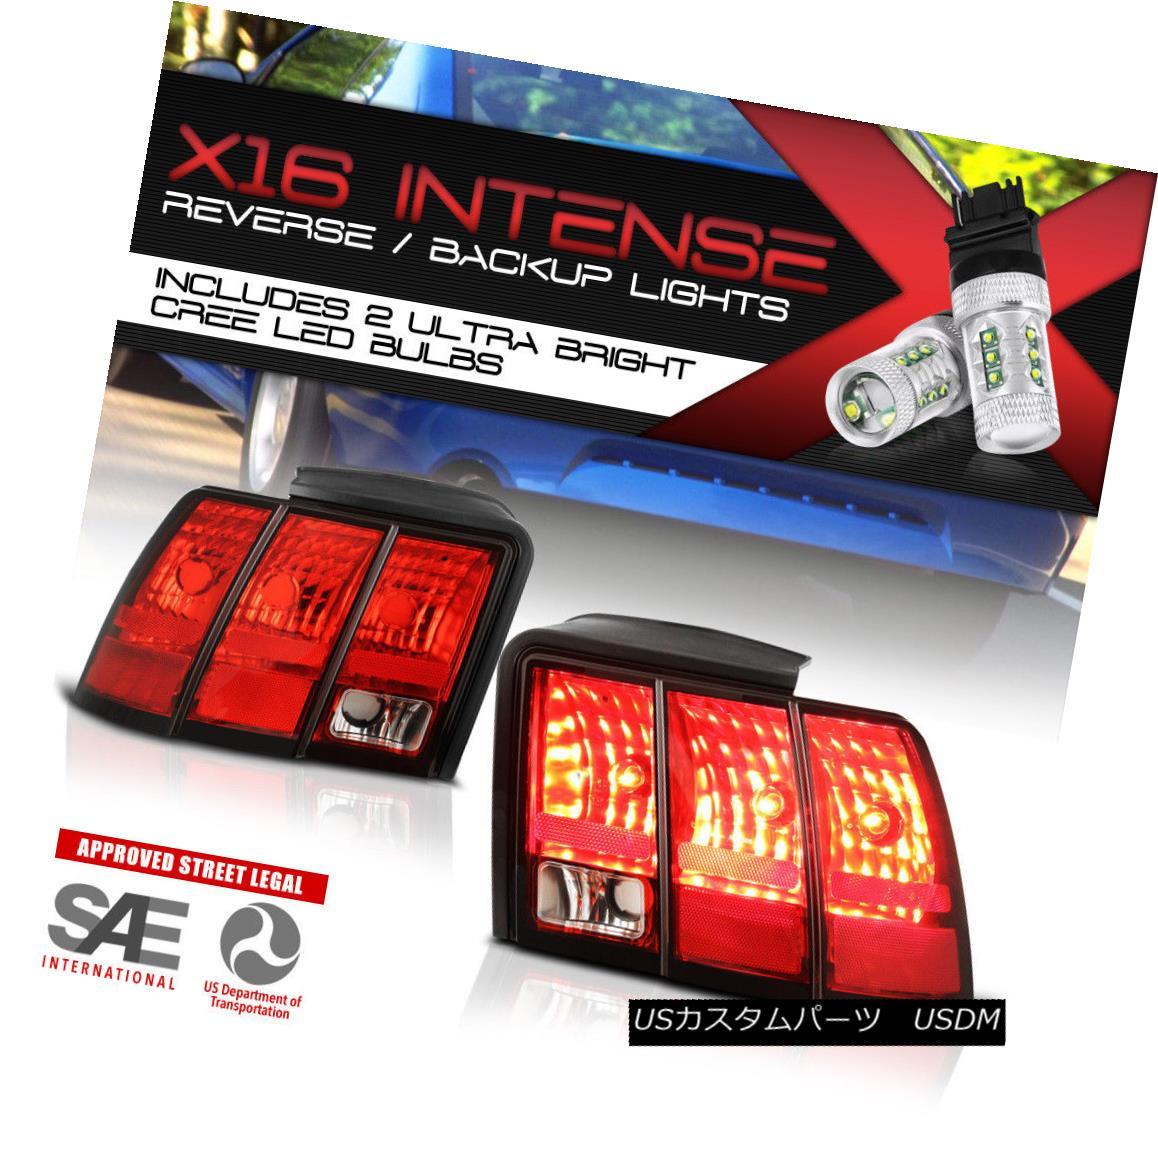 テールライト!CREE LED Ford REVERSE! Tail Lights Lamps REVERSE! Replacment Pair Replacment For 1999-2004 Ford Mustang!クリーLED逆転! 1999-2004フォードマスタング用テールライトランプペアの交換, 【絶品】:ed230df6 --- officewill.xsrv.jp